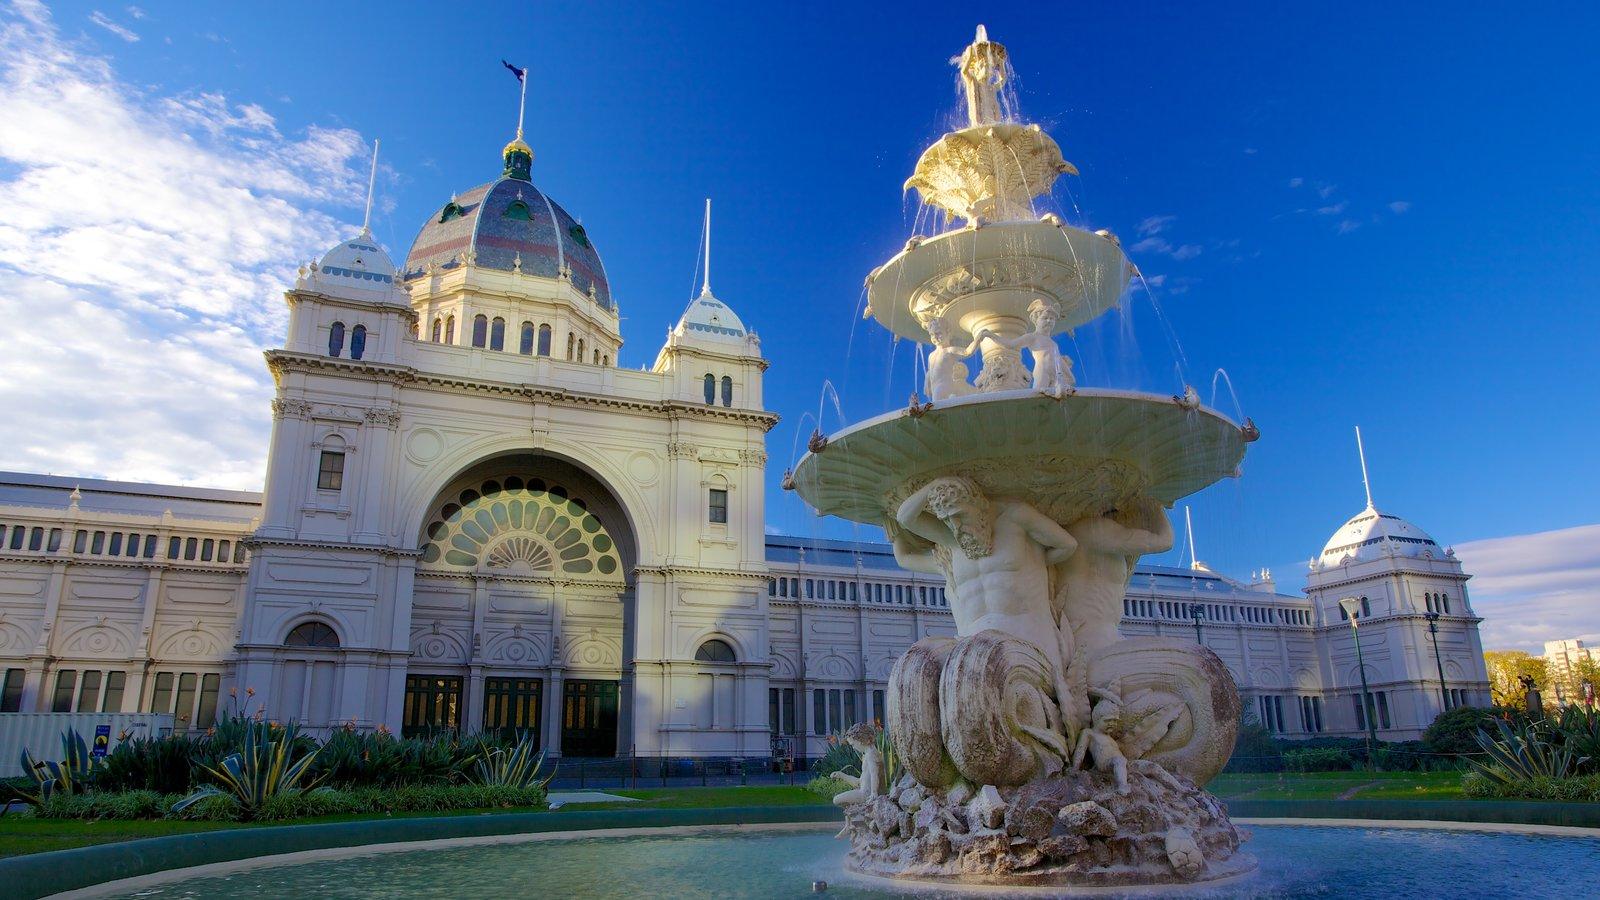 Jardins de Carlton mostrando arquitetura de patrimônio, um monumento e um jardim